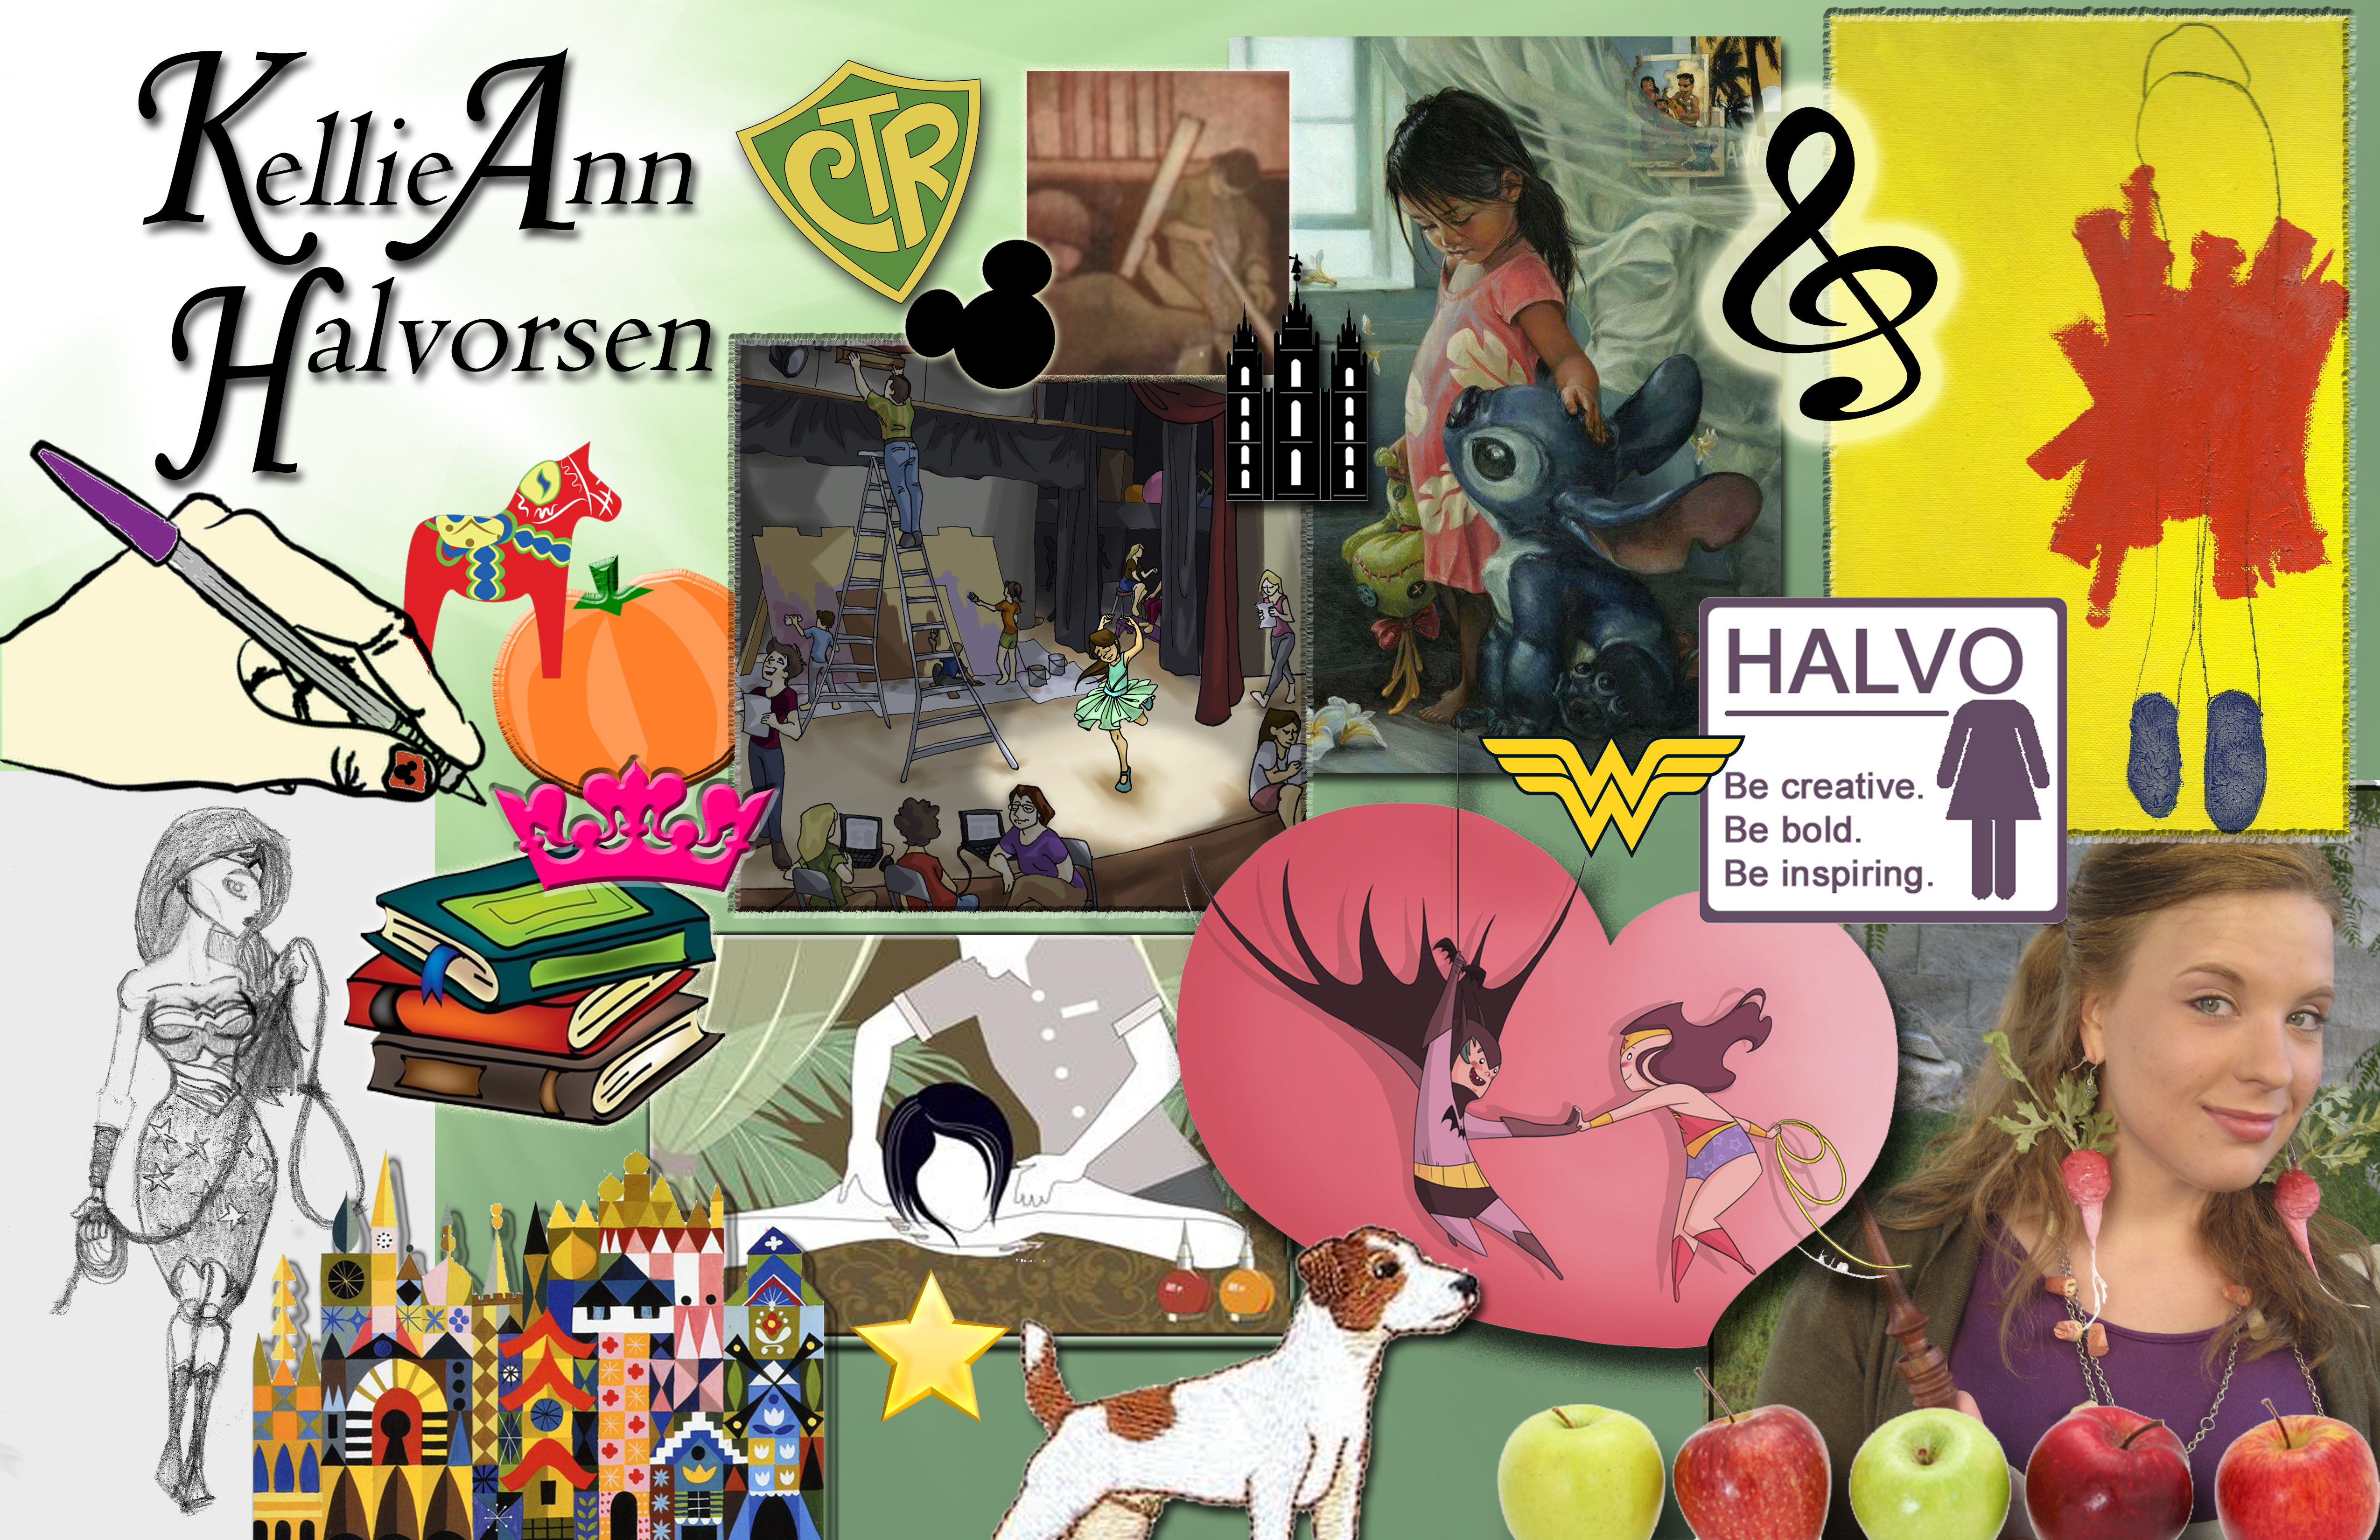 KellieAnn_Halvorsen_Imagecollection